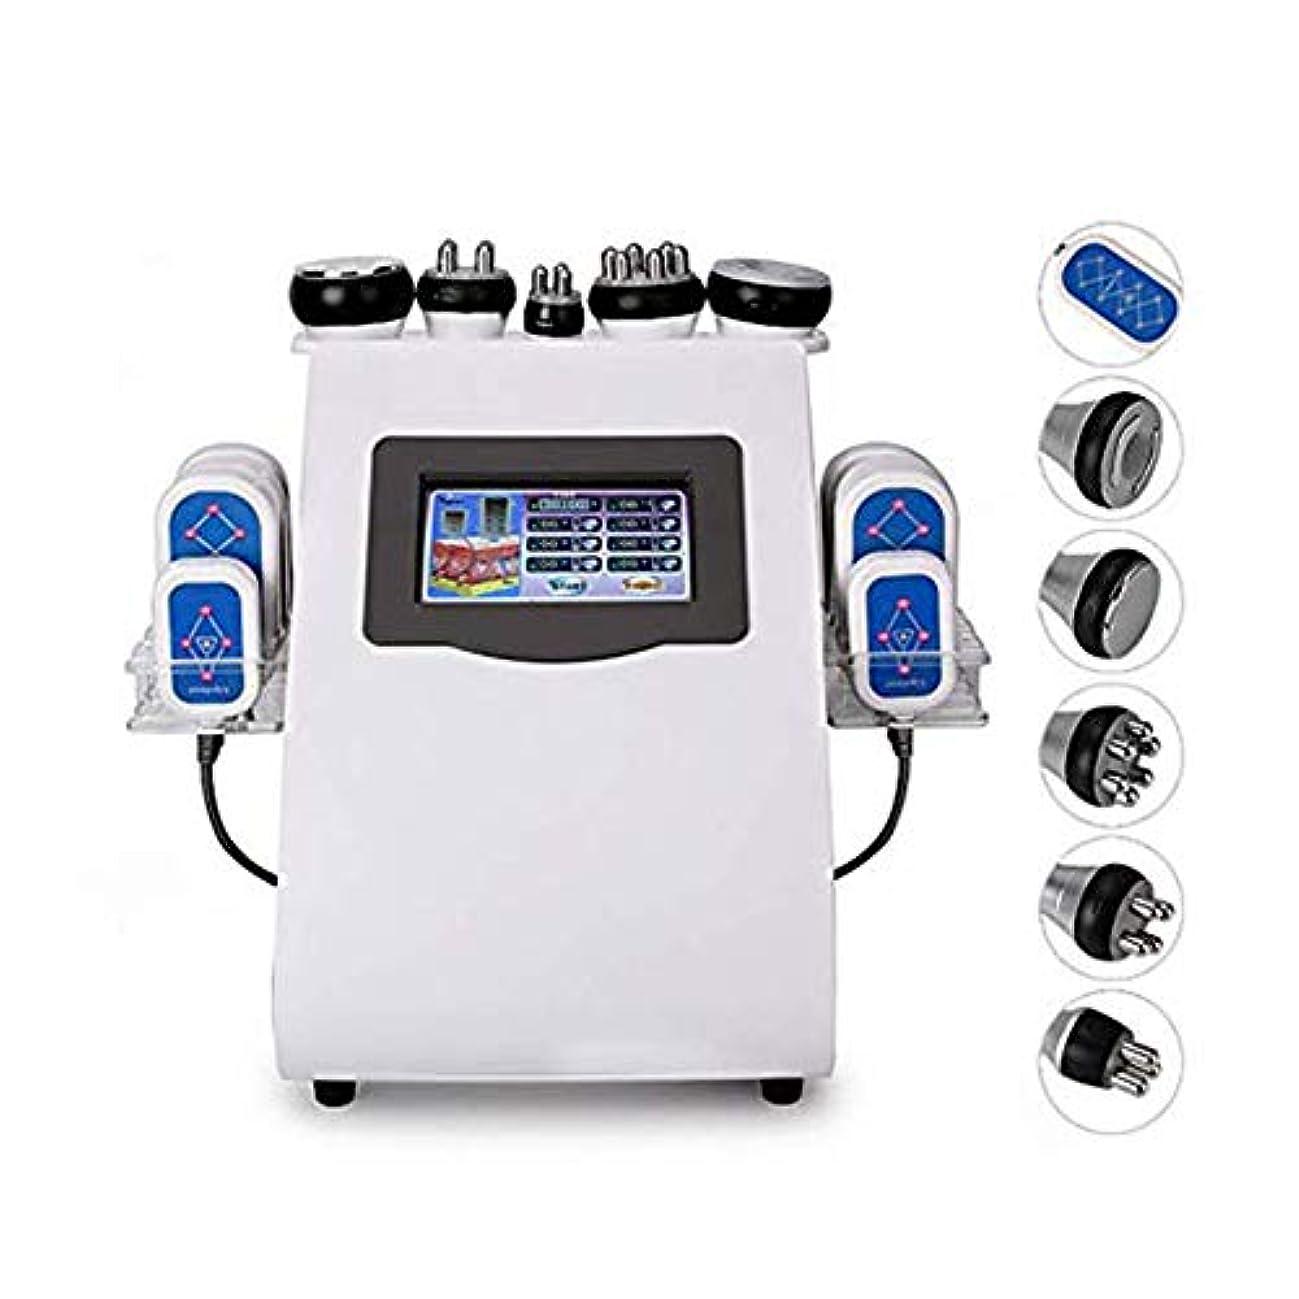 貫通する尽きる機械超音波キャビテーション抗セルライトネガティブボディ痩身マシン、脂肪燃焼と無線周波数アンチエイジングスキンリフティング引き締めしわ美容機器の除去